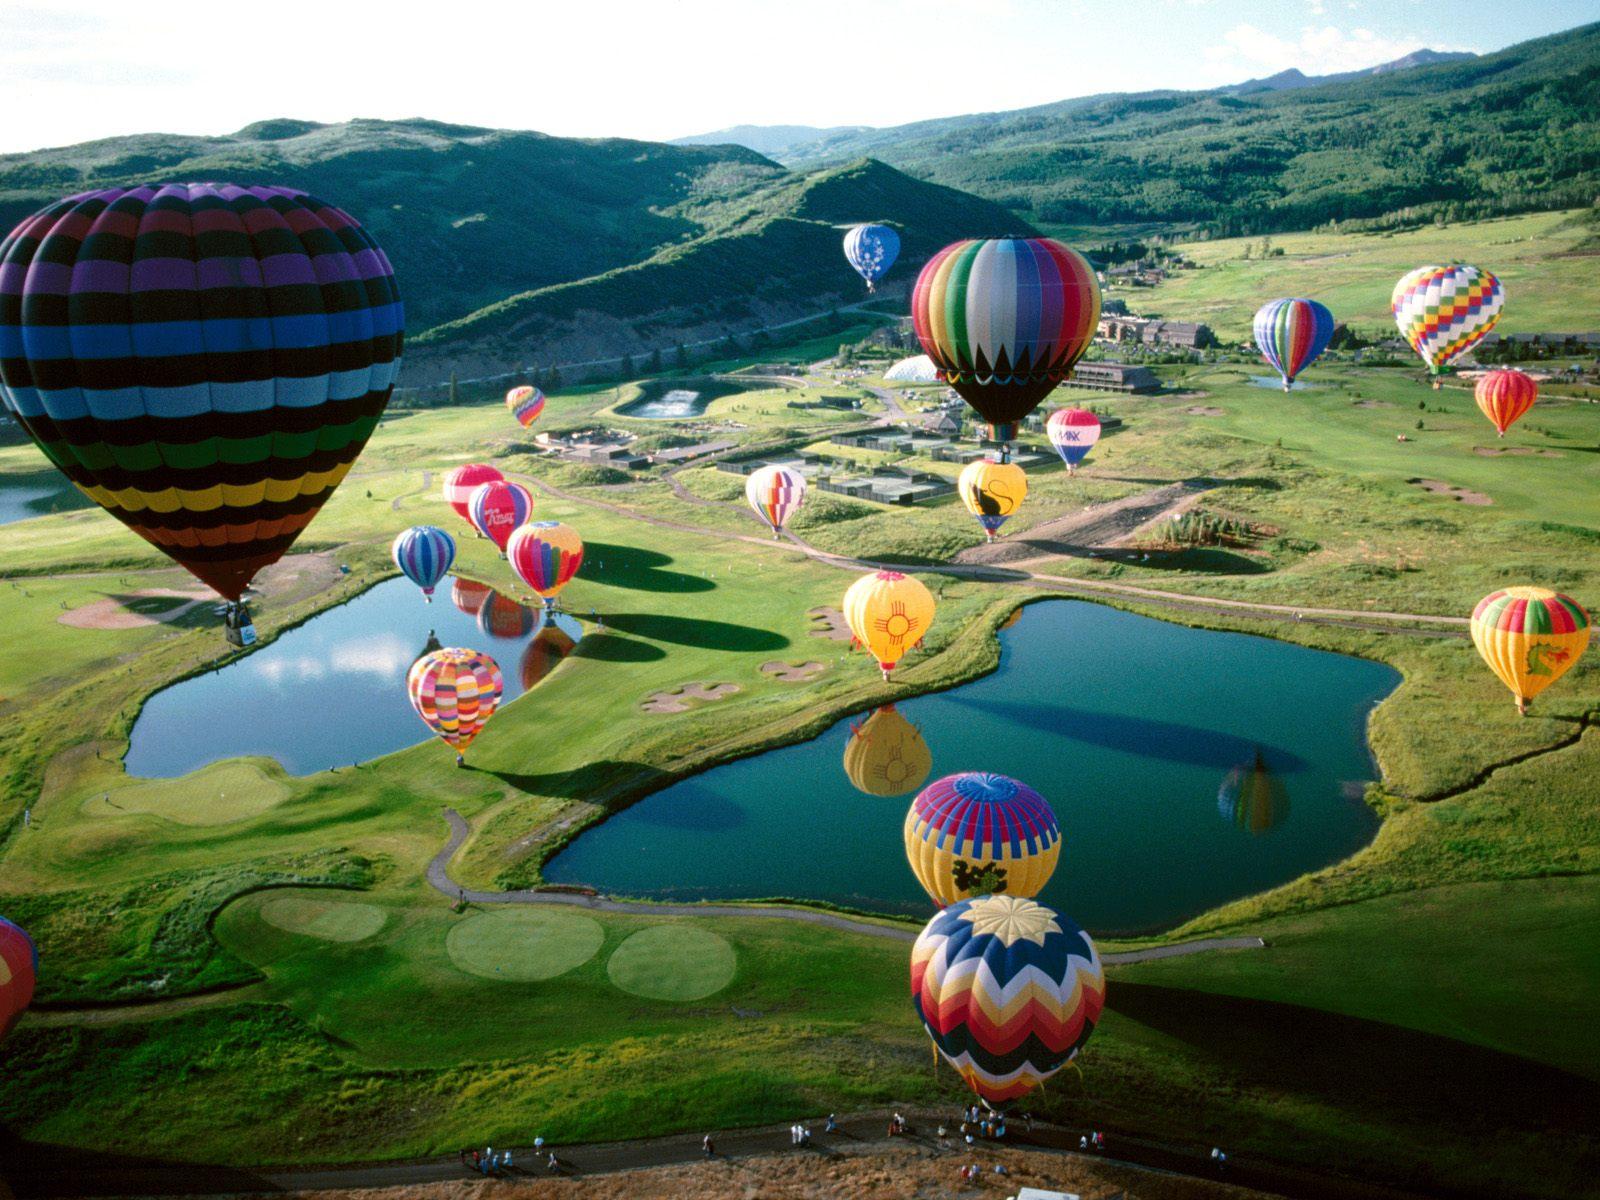 связи картинки на рабочий стол воздушные шары на весь экран странице